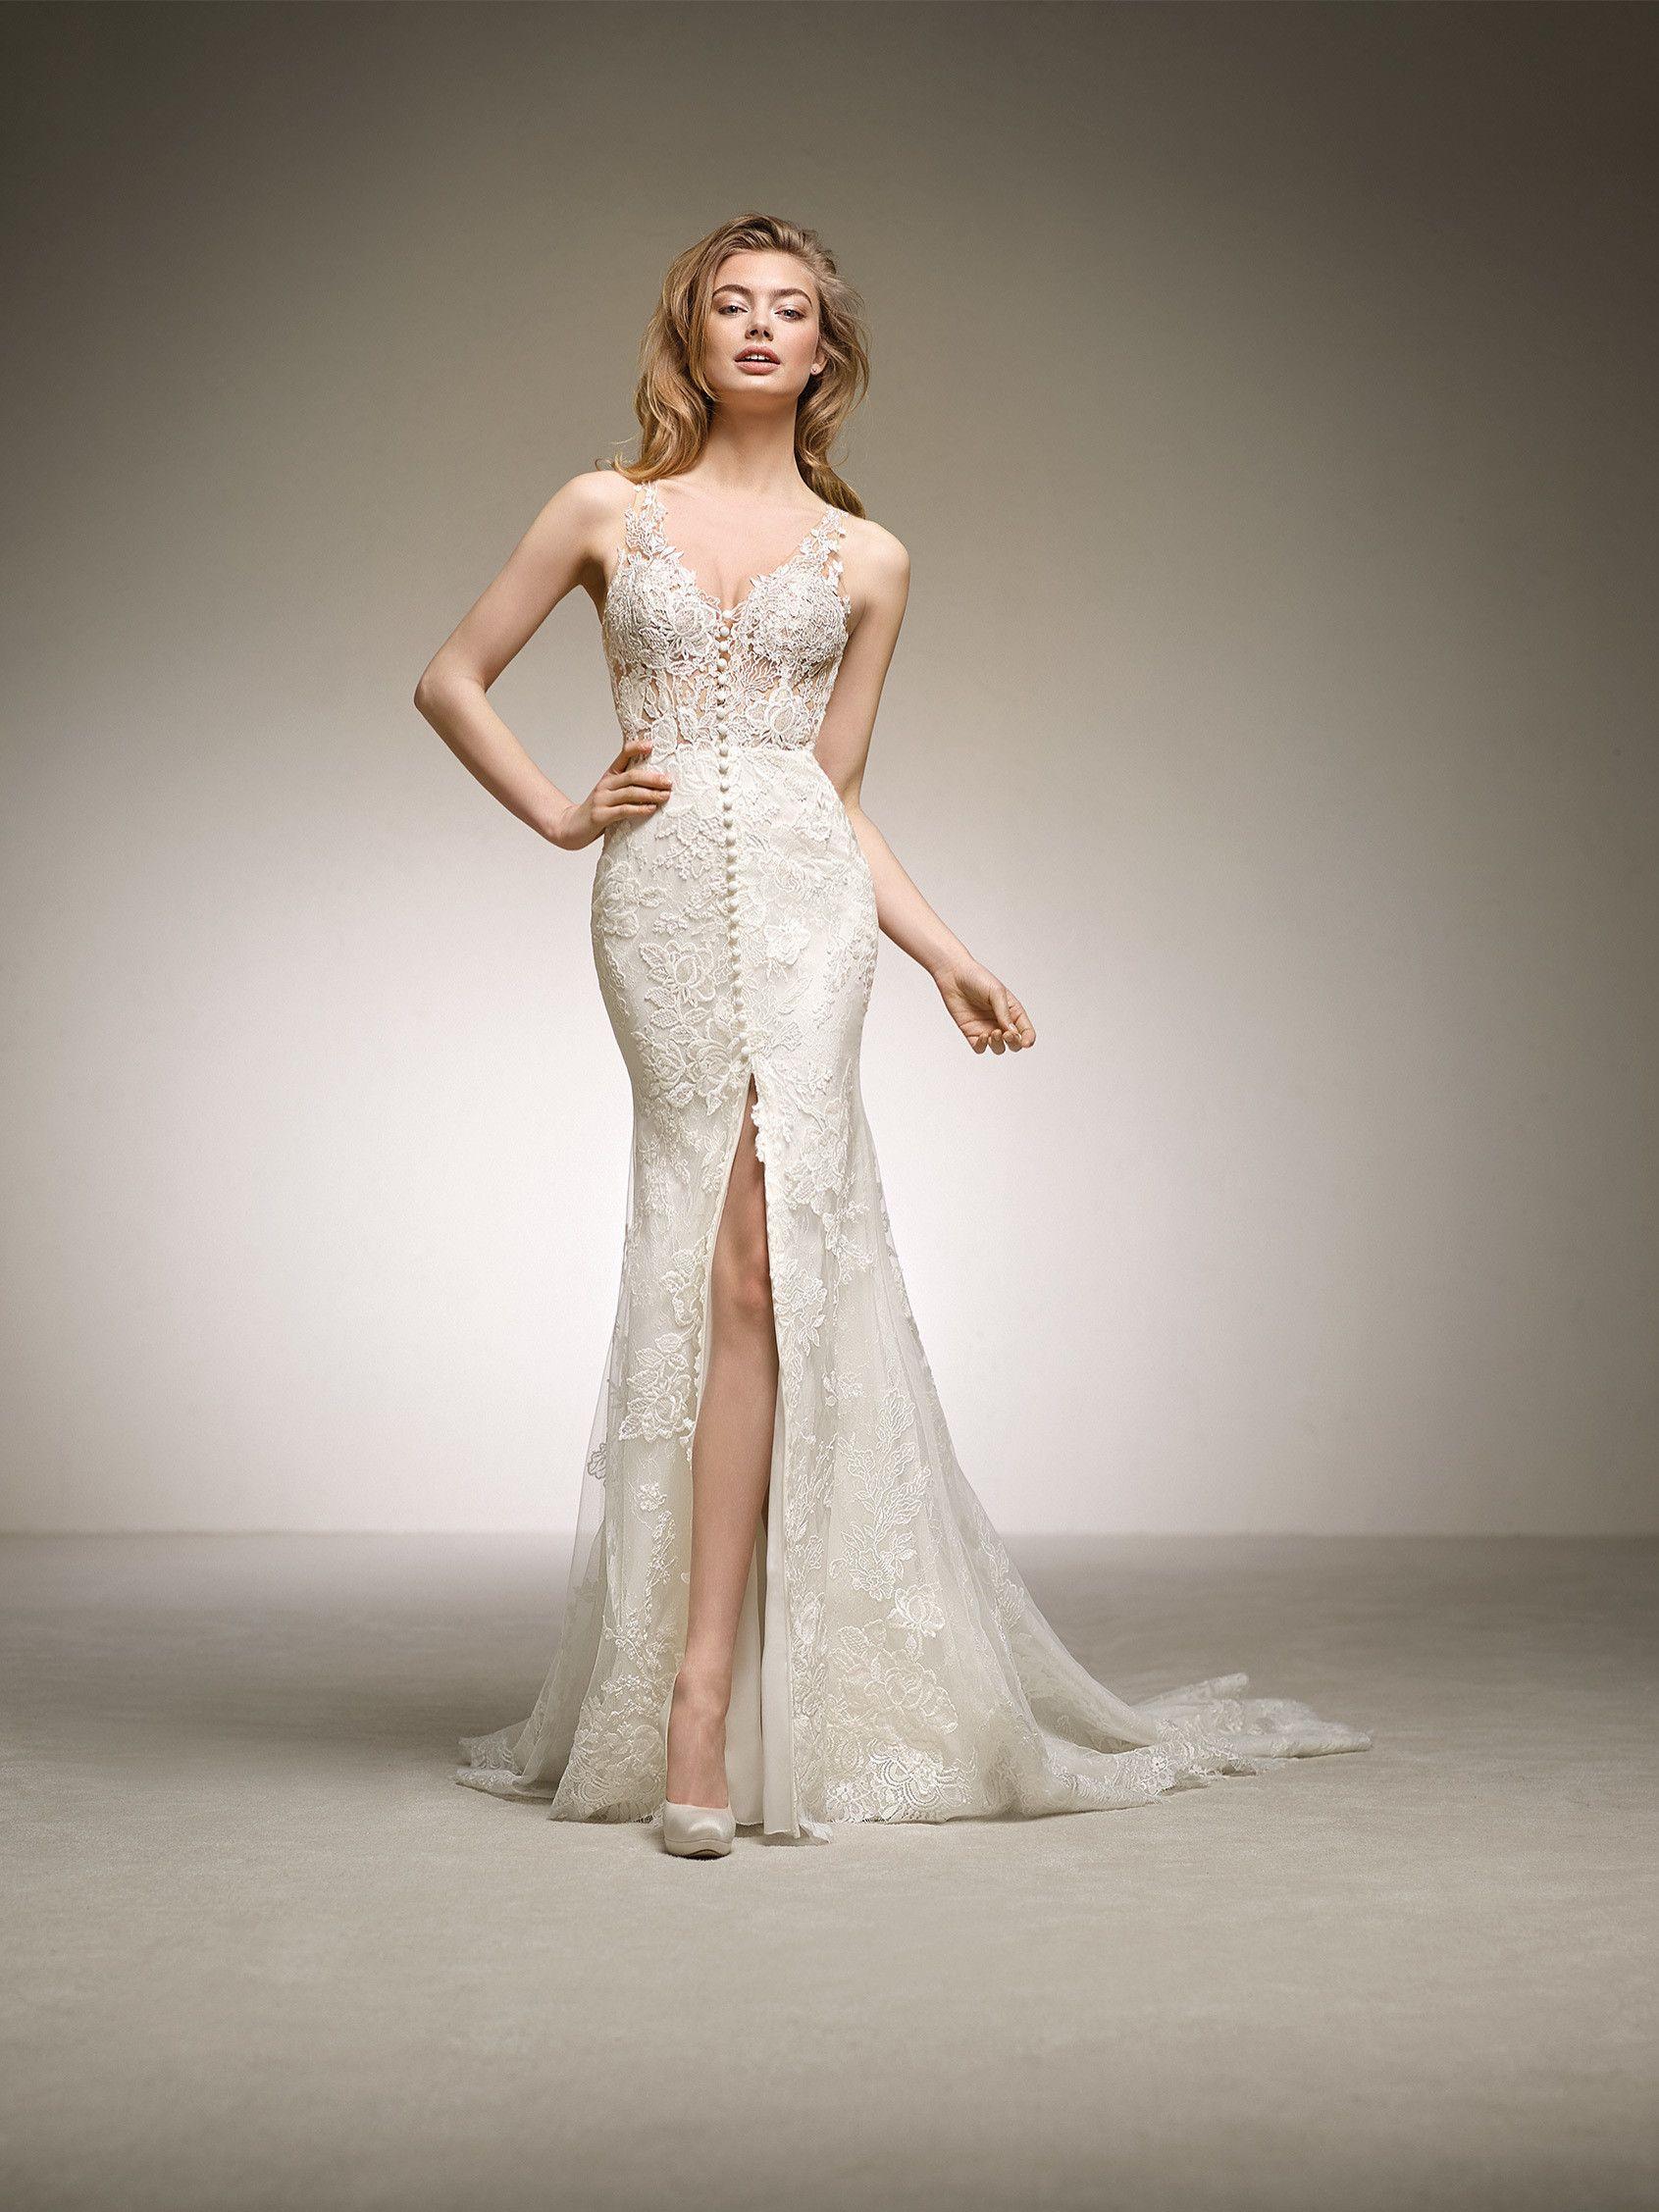 Imagenes de vestidos para novia modernos